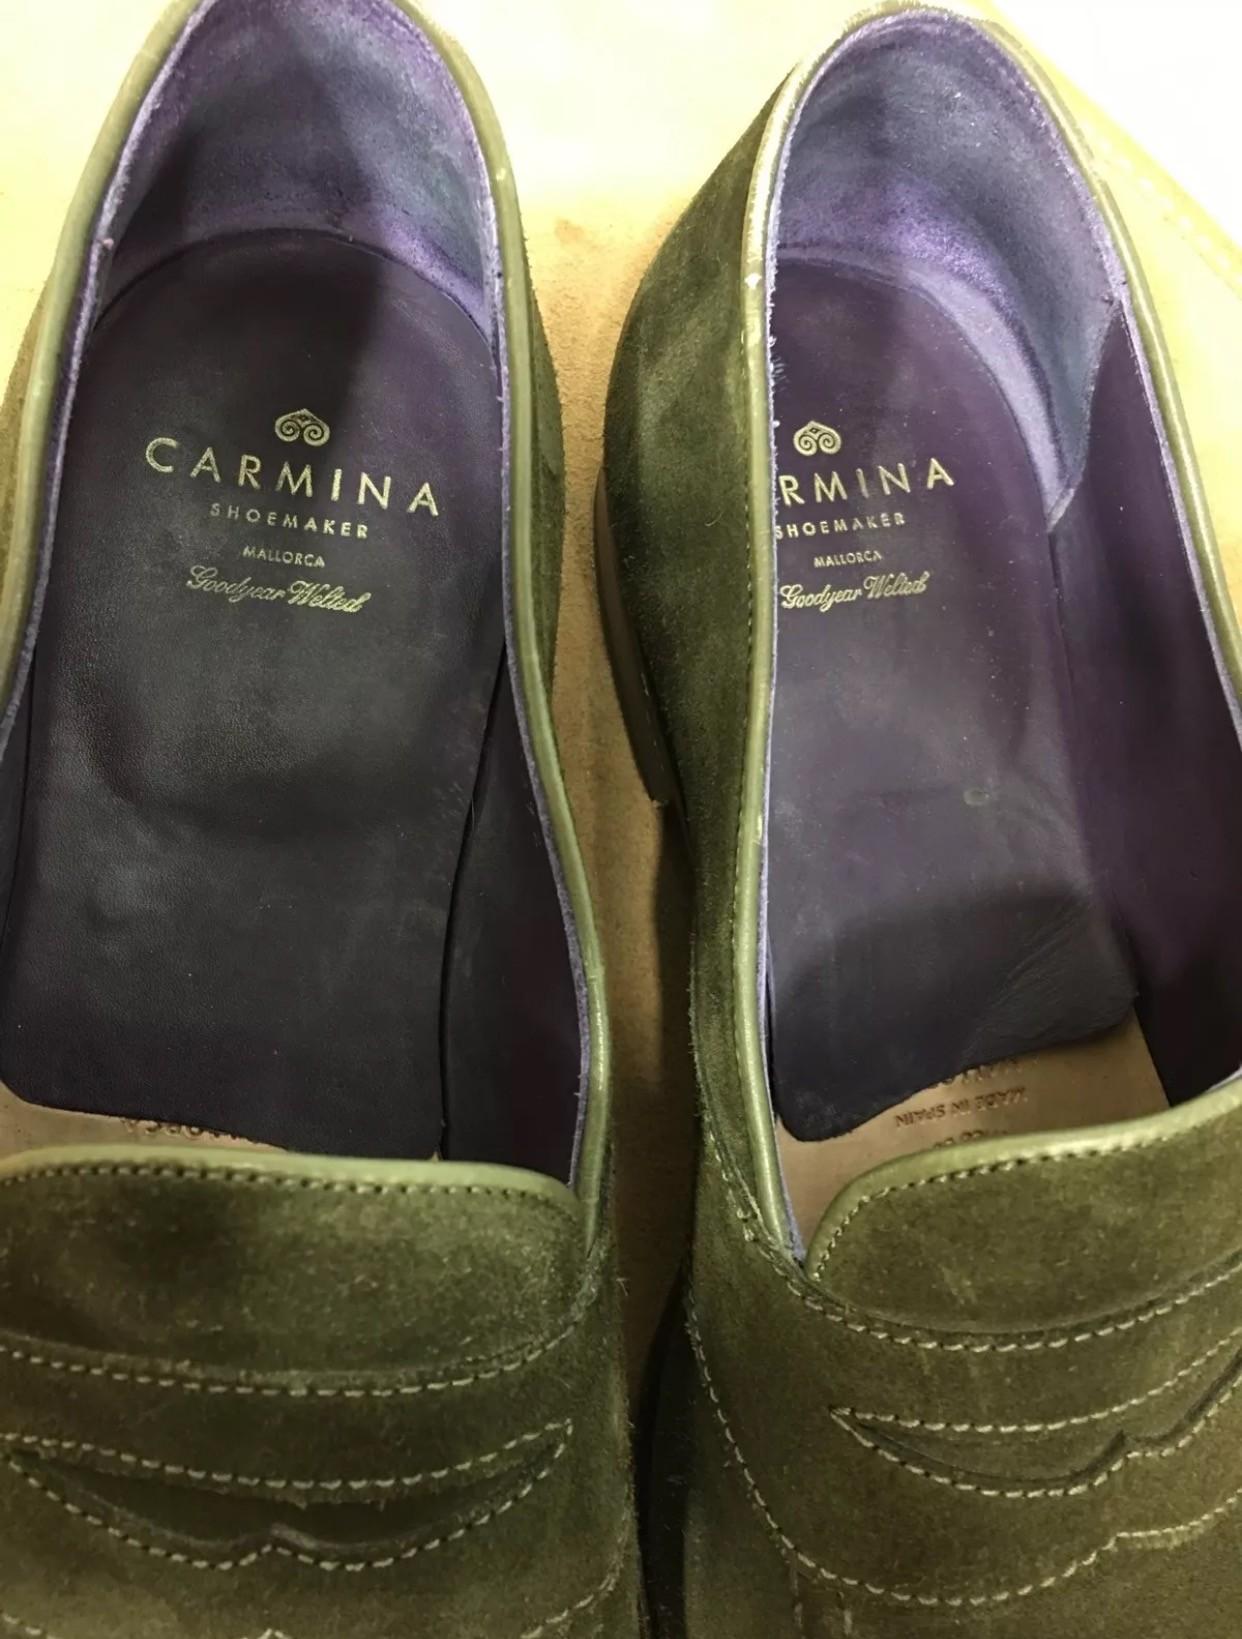 EgiyptianCloth's photos in Carmina Shoe P0rn.